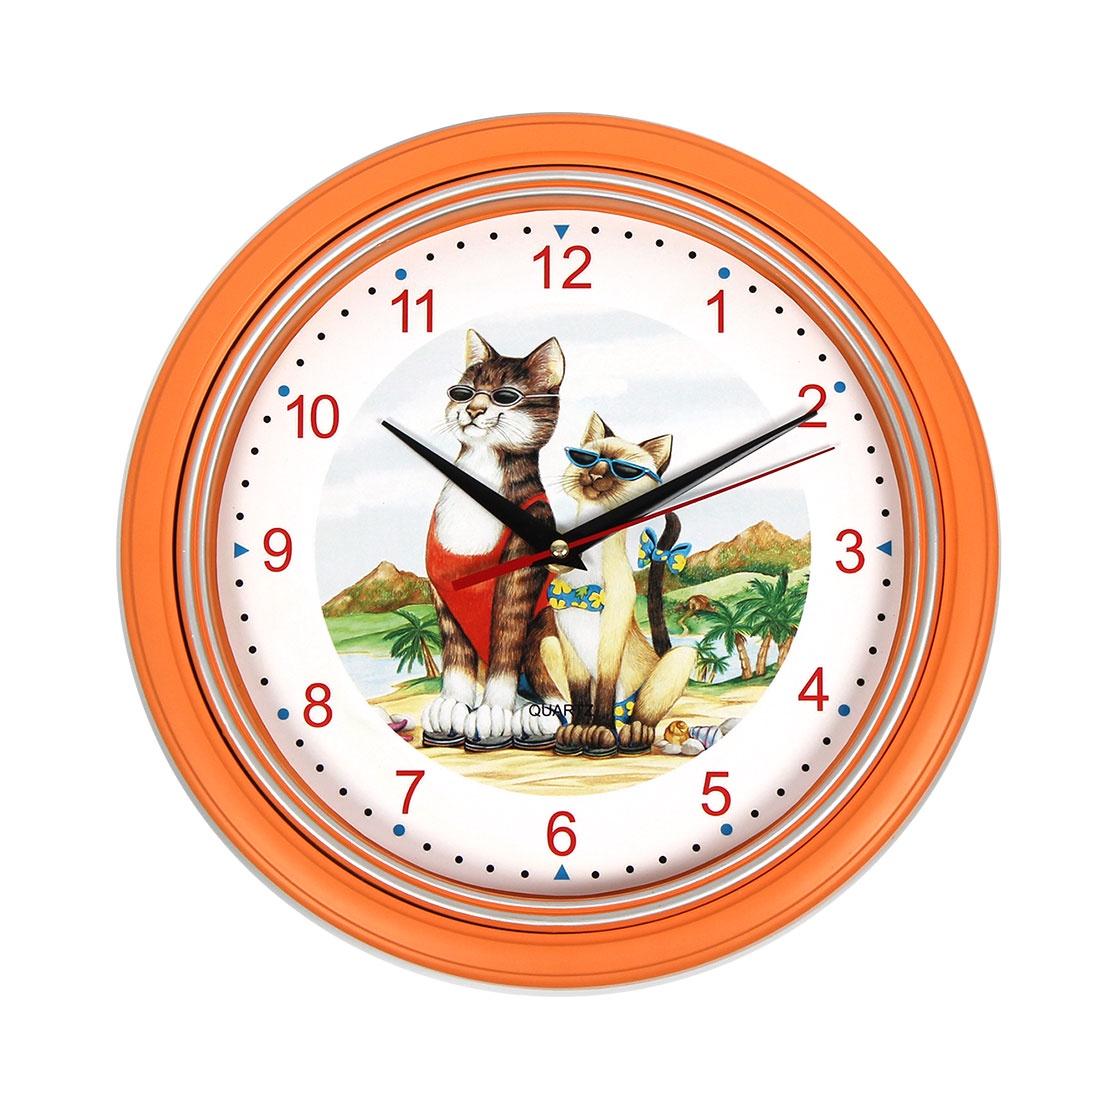 Настенные часы ХИТ - декор 06792 комплект настенных часов хит декор для ванной комнаты 2 шт